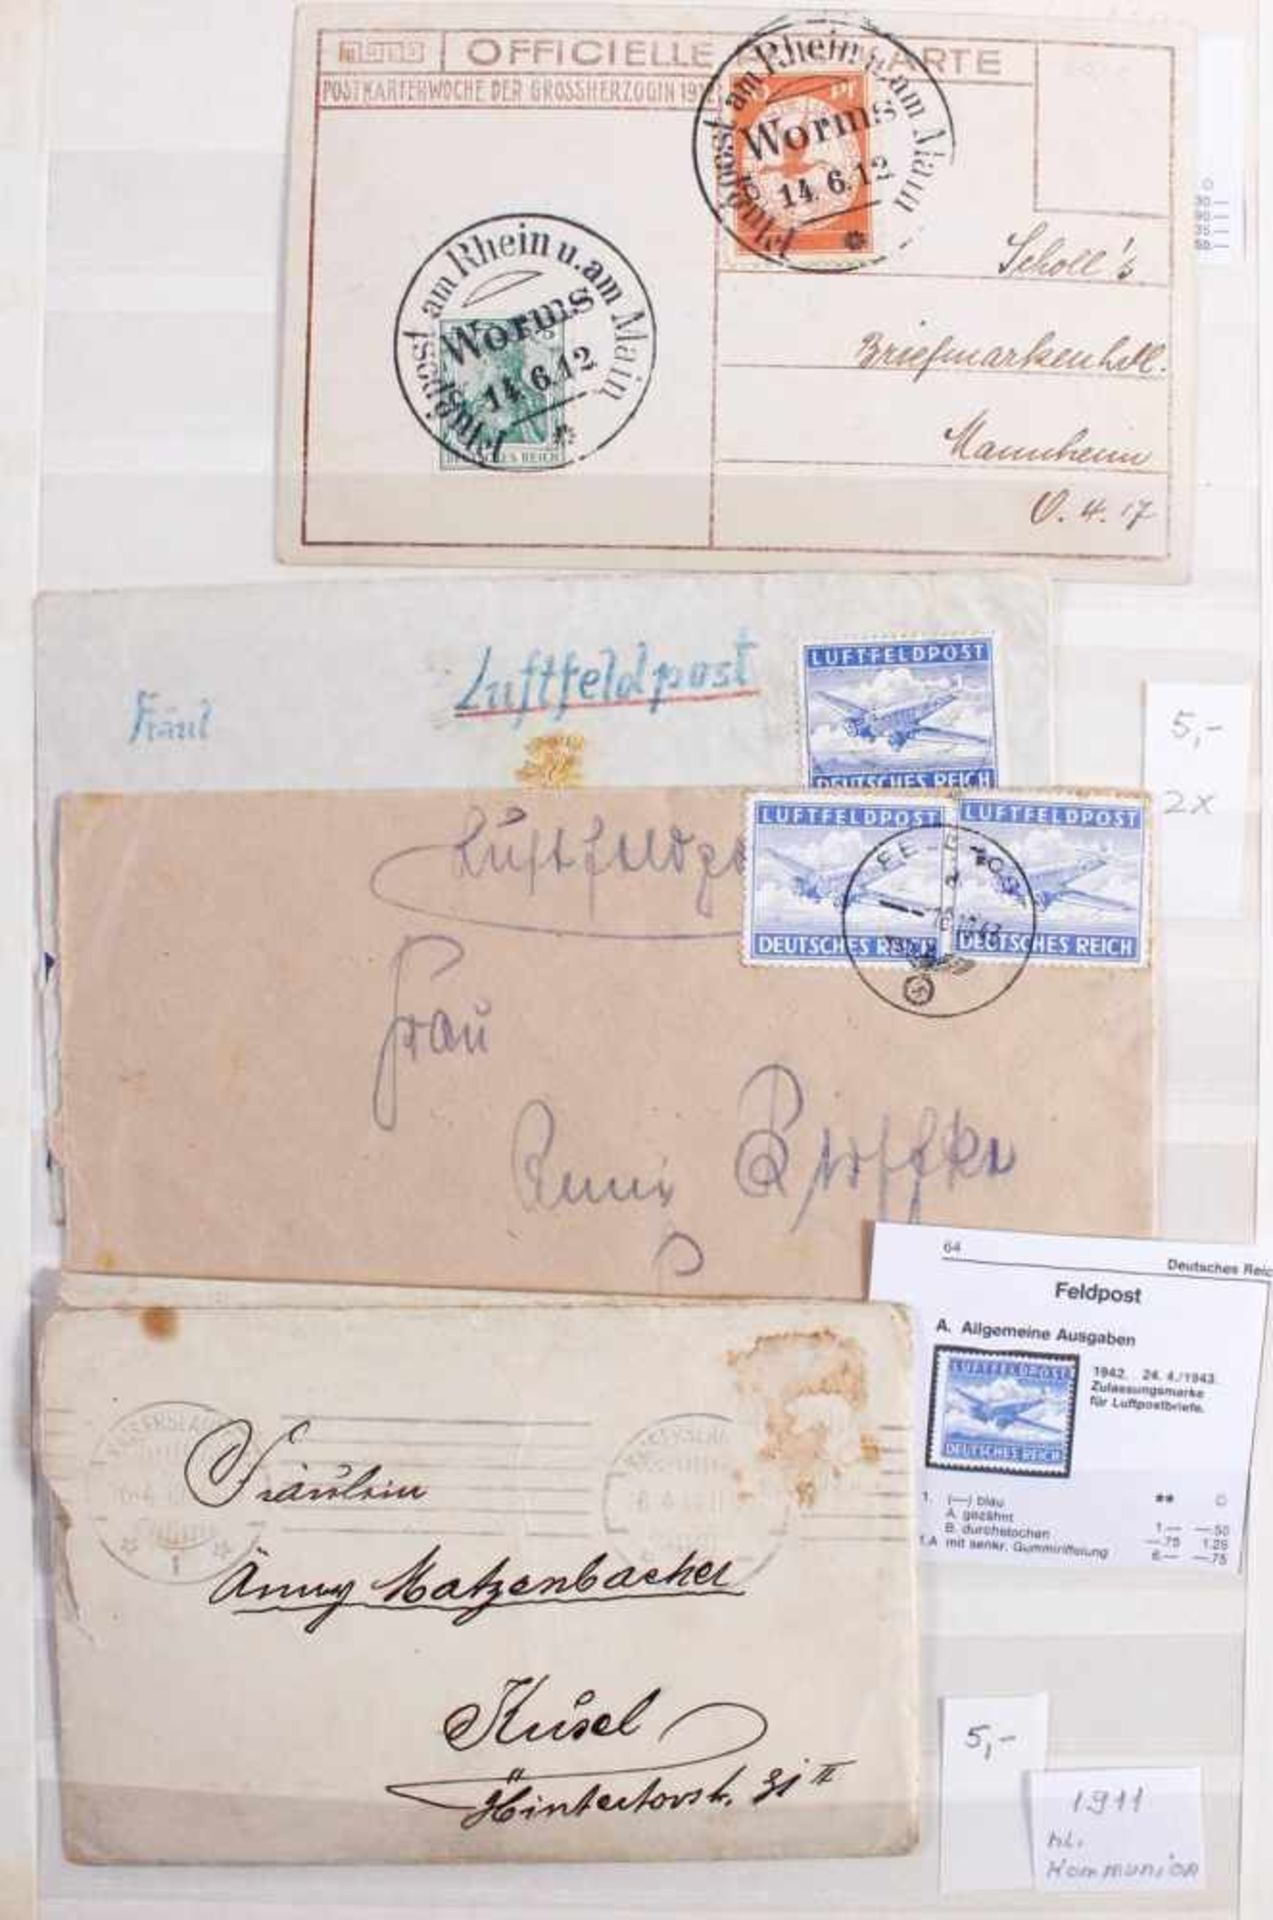 Kleine Sammlung Belege, Ganzsachen und BriefeInsgesamt 3 gut gefüllte Alben.1 Album Briefe, - Bild 2 aus 7